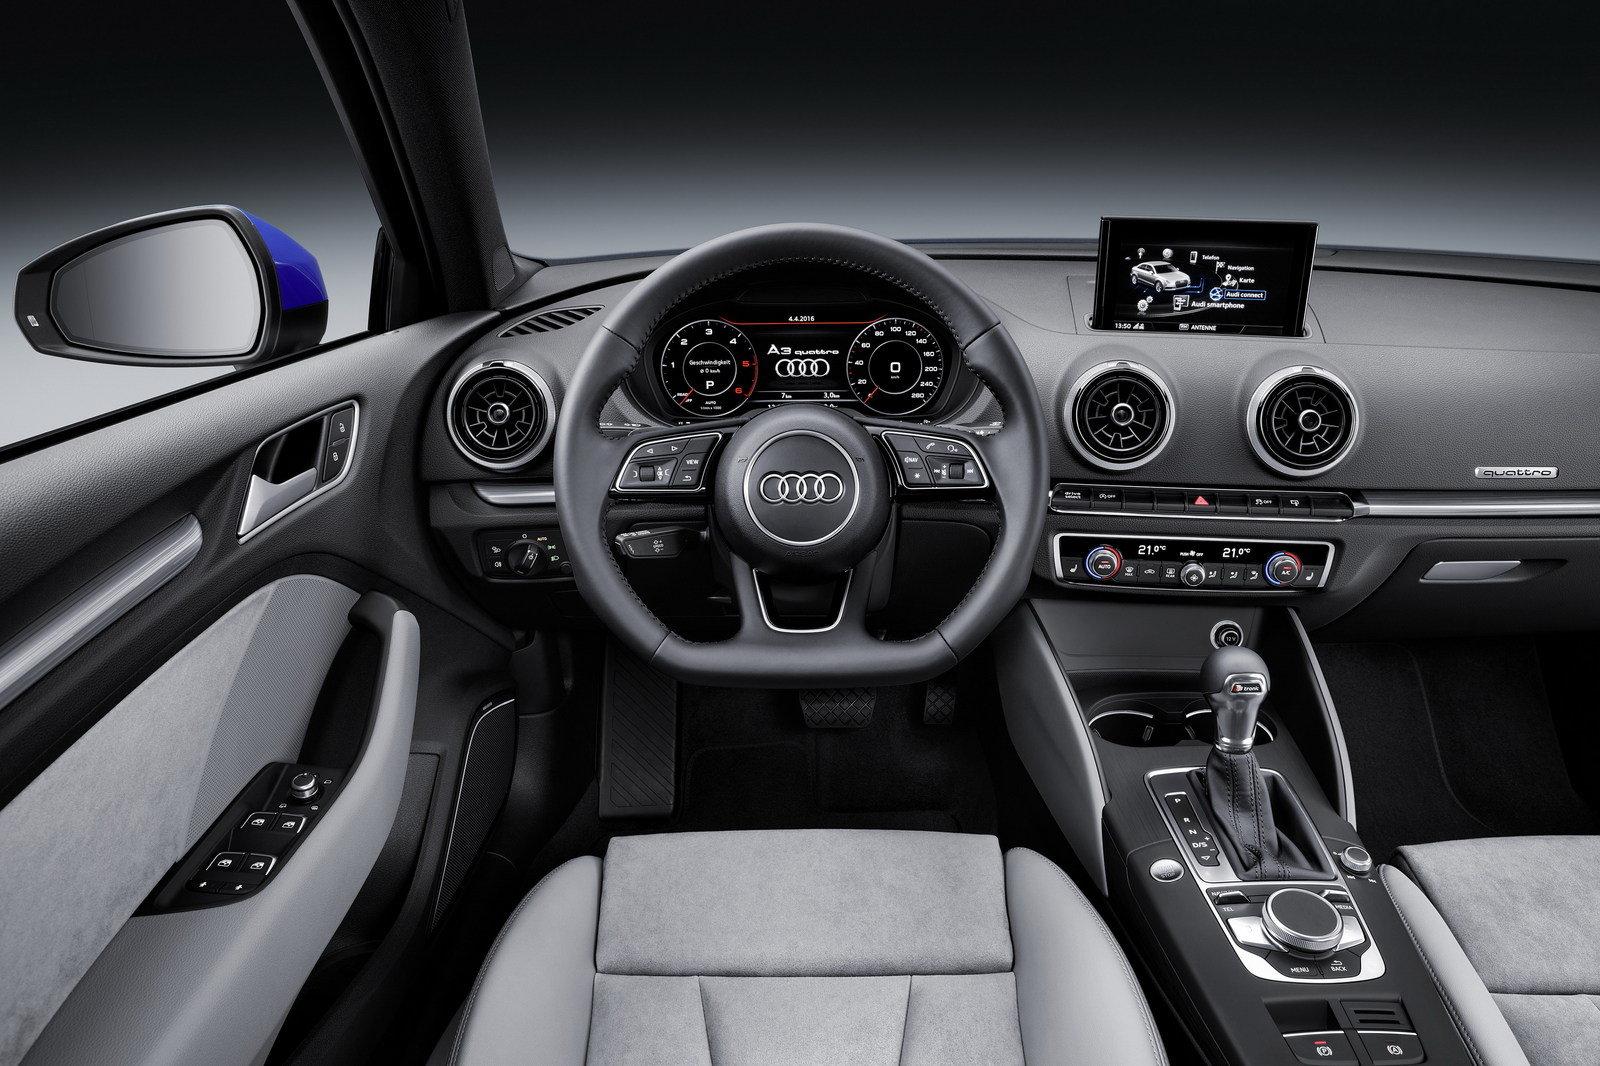 2017-audi-a3-sedan-11_1600x0w